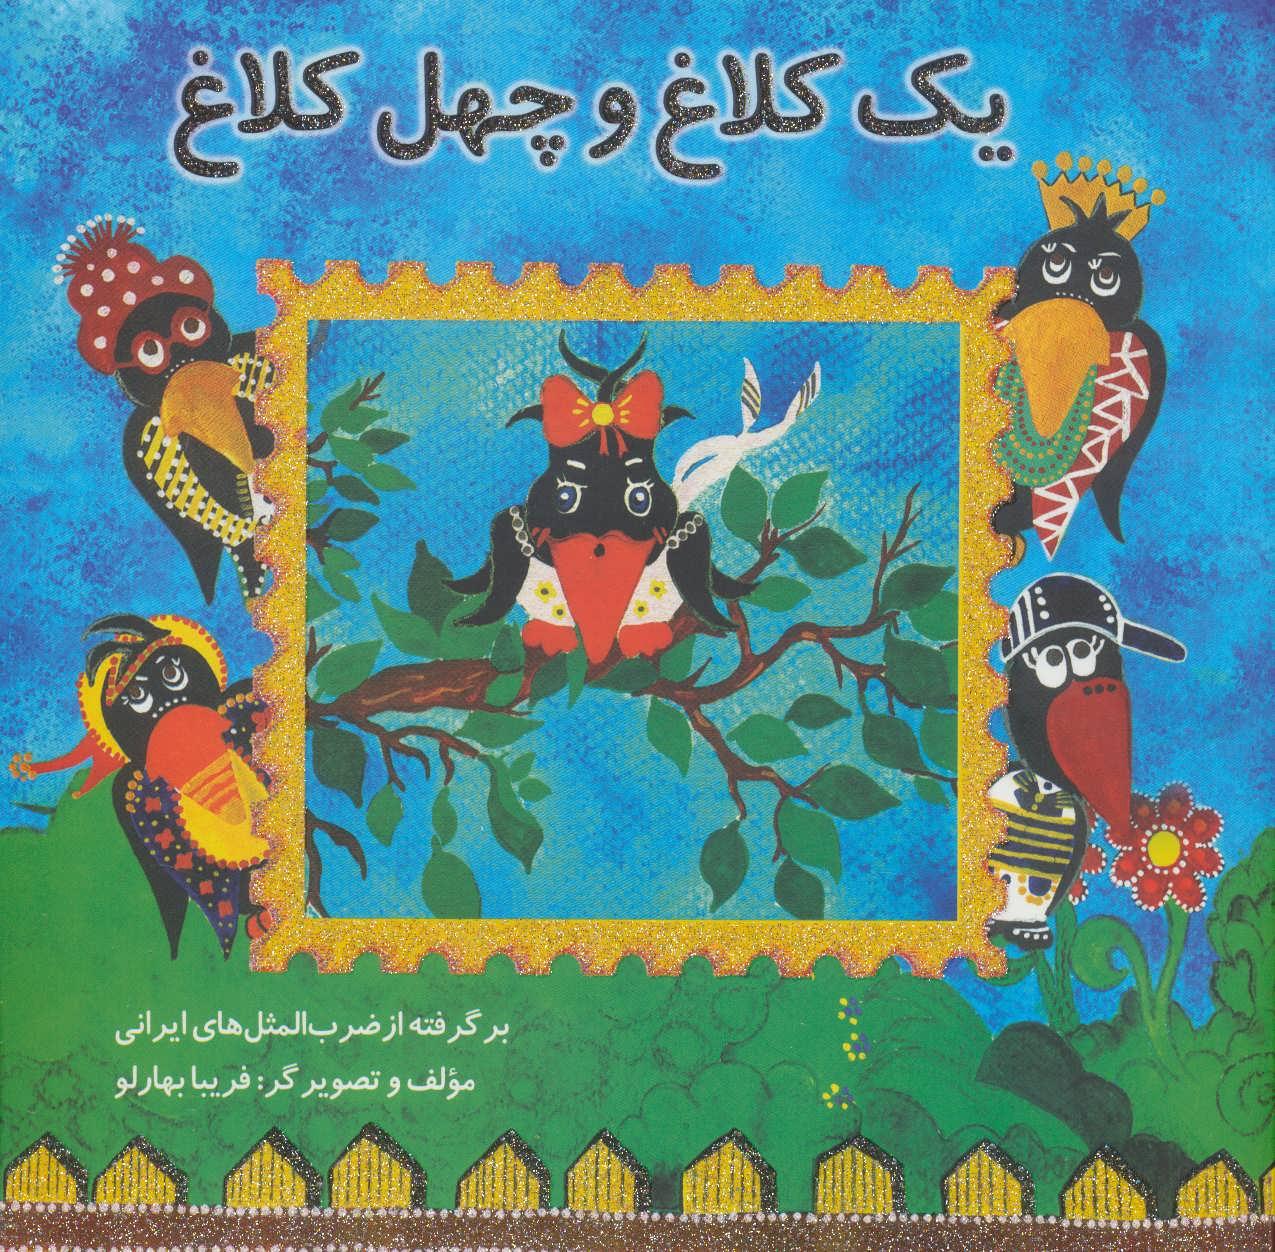 کتاب یک کلاغ و چهل کلاغ برگرفته از ضربالمثلهای ایرانی